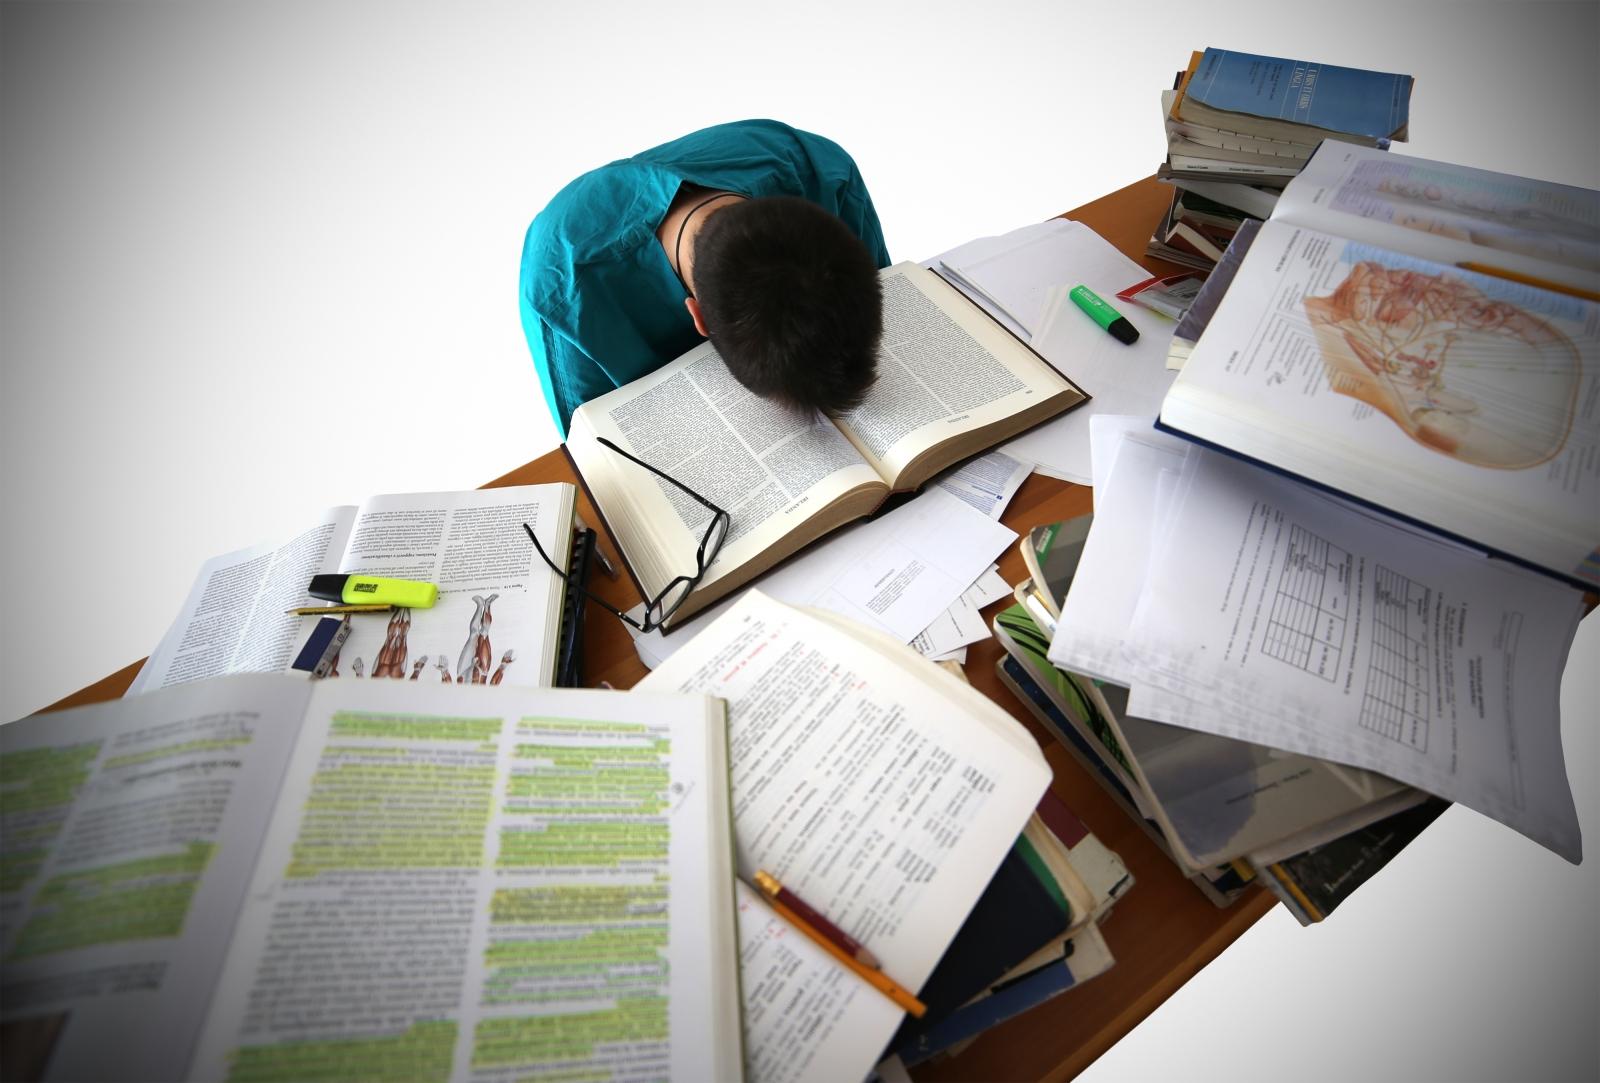 چگونه درس بخوانیم؟